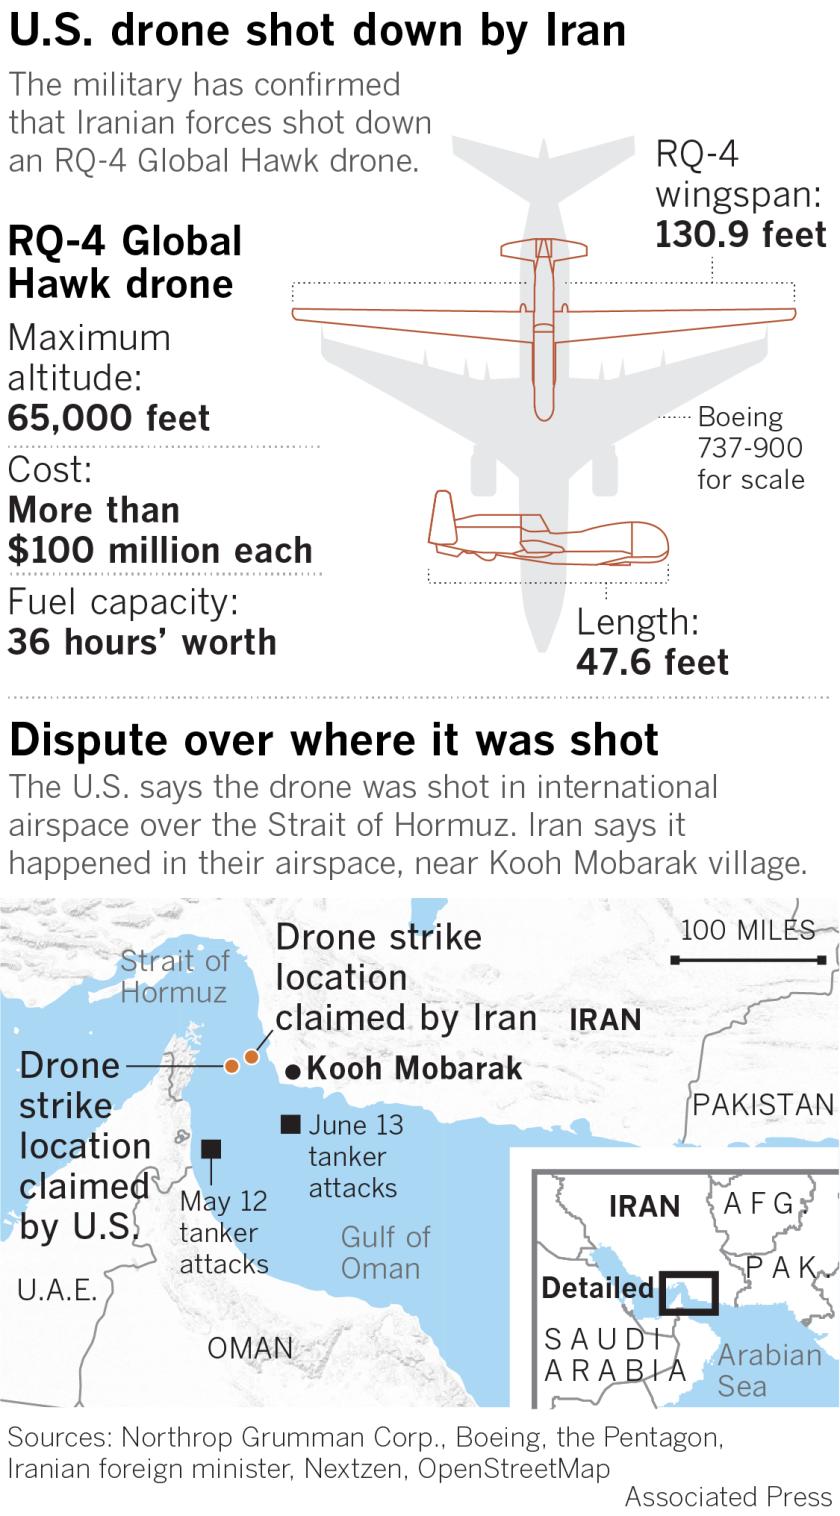 lana-pol-drone-shootdown-iran-20190620-web